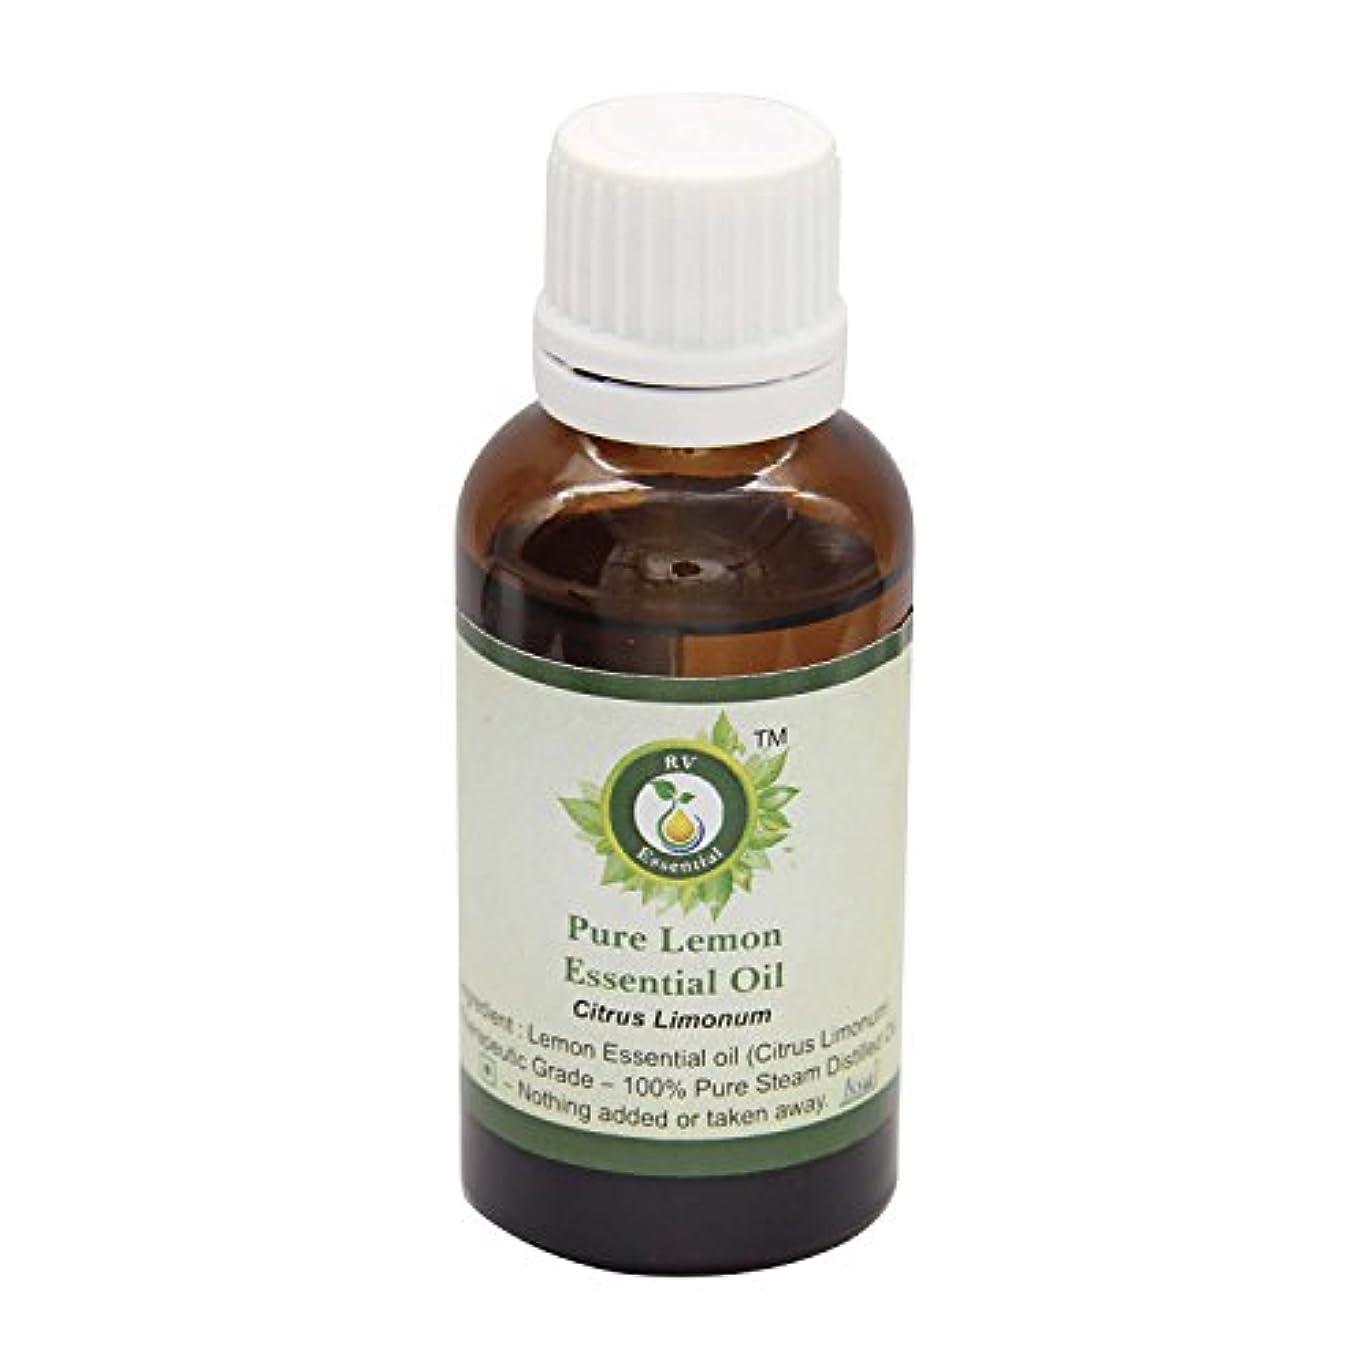 特徴づけるさびたクリスマスR V Essential ピュアレモンエッセンシャルオイル5ml (0.169oz)- Citrus Limonum (100%純粋&天然スチームDistilled) Pure Lemon Essential Oil